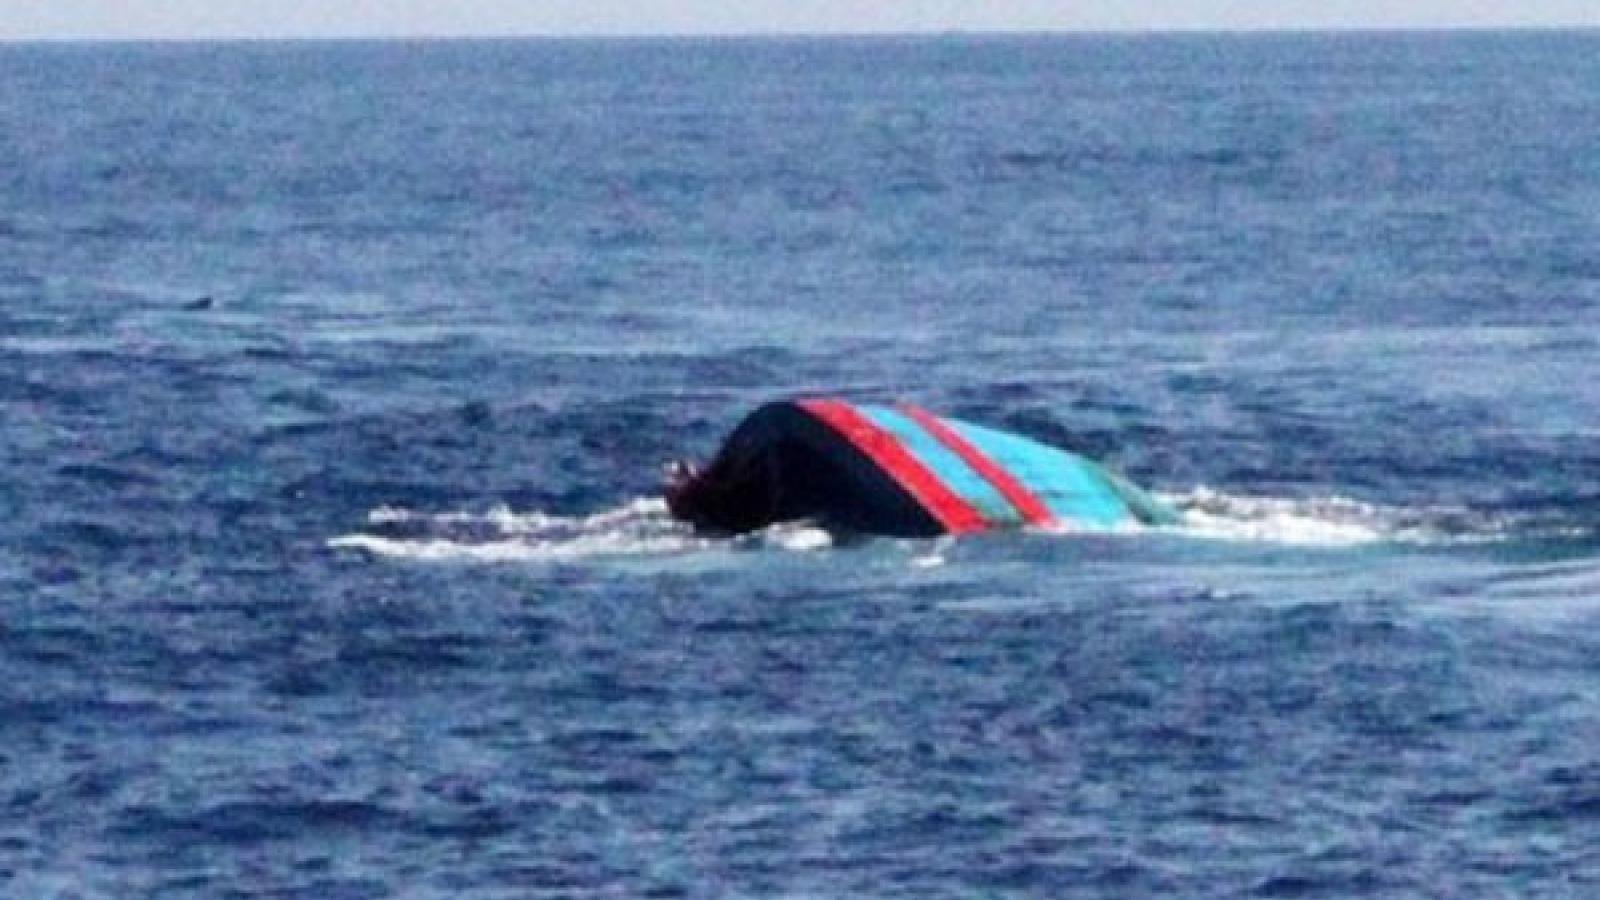 Cứu sống 2 ngư dân trên tàu cá bị chìm do bão số 2